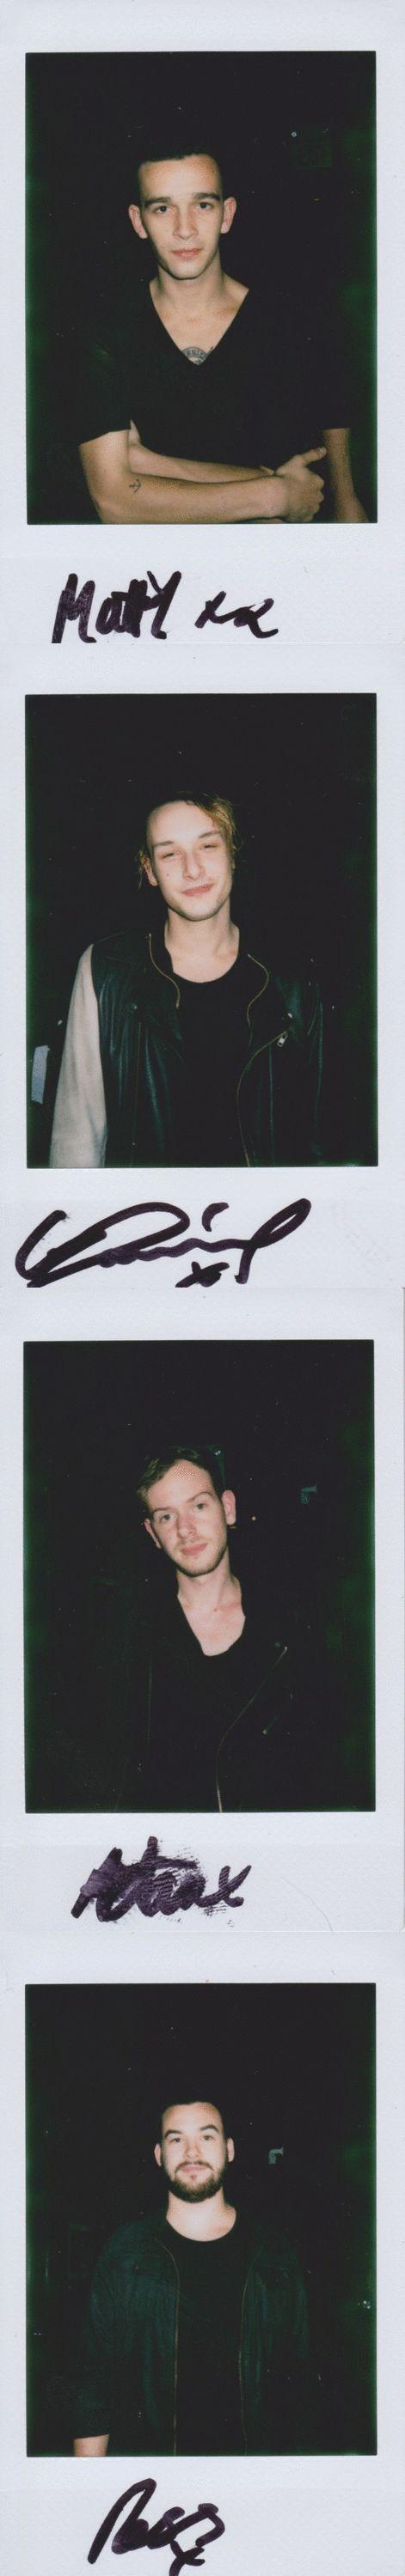 Their autographs :) x